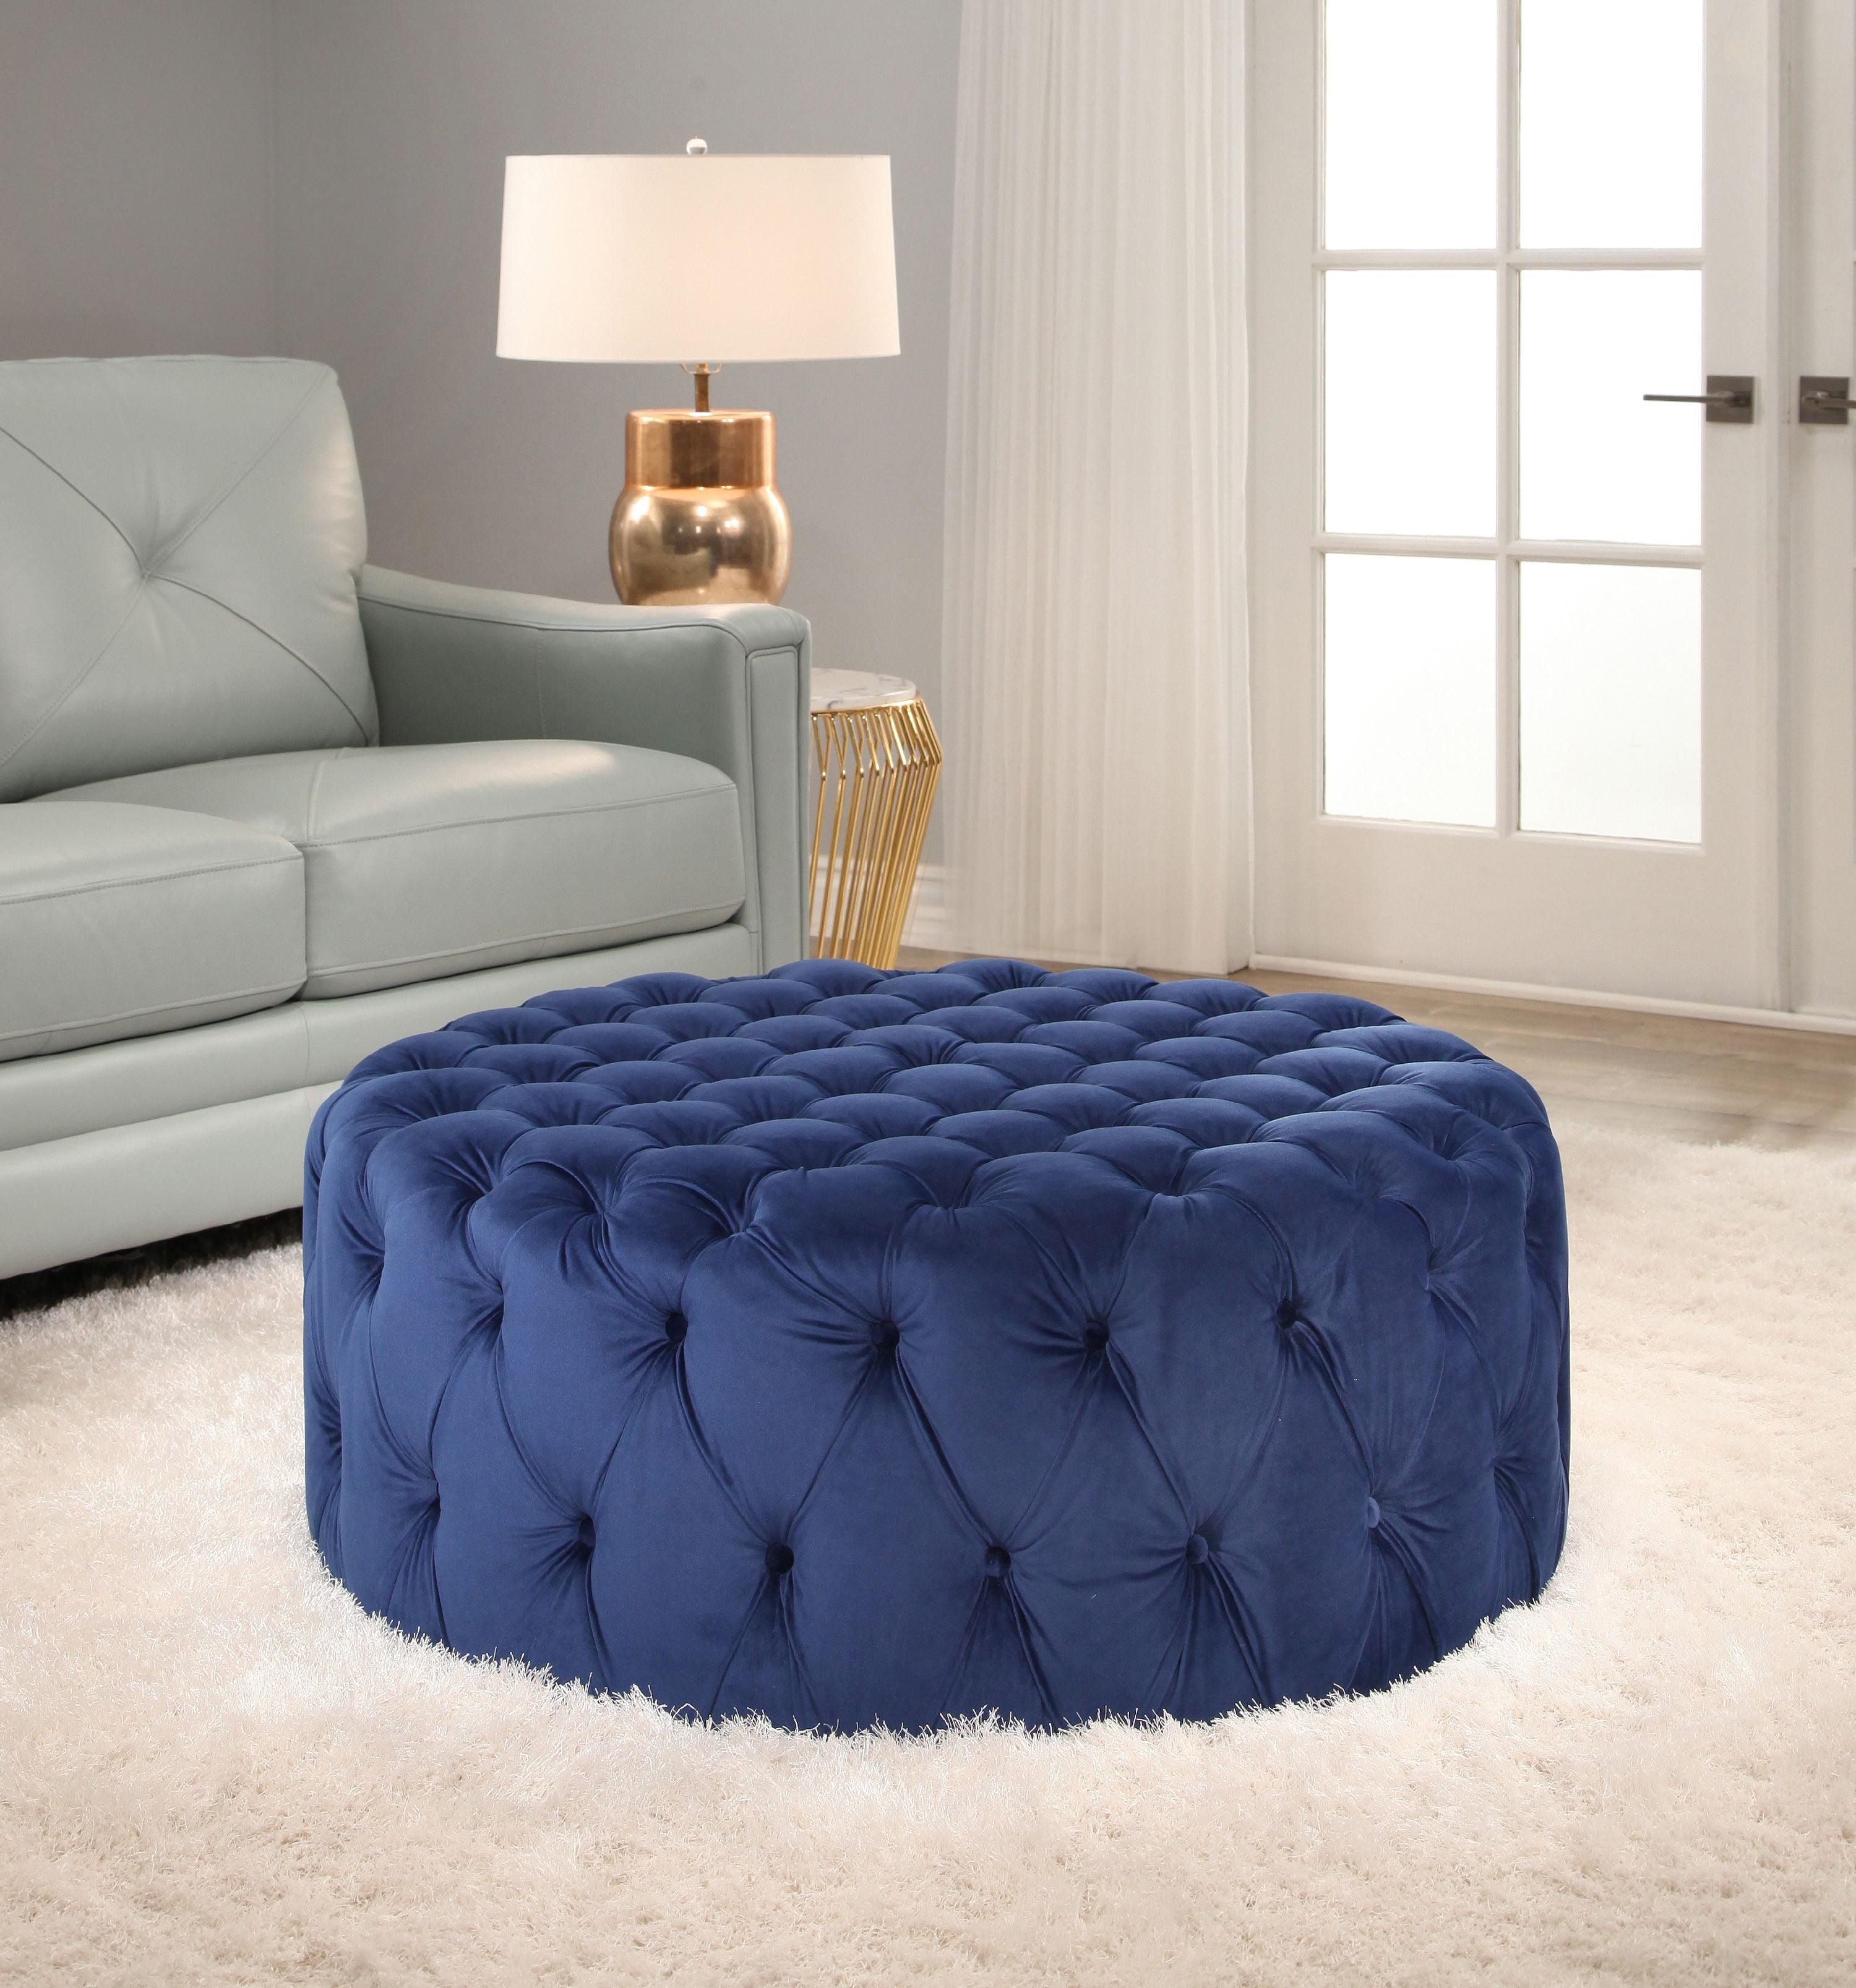 Devon Amp Claire Lily Tufted Velvet Ottoman Sapphire Blue